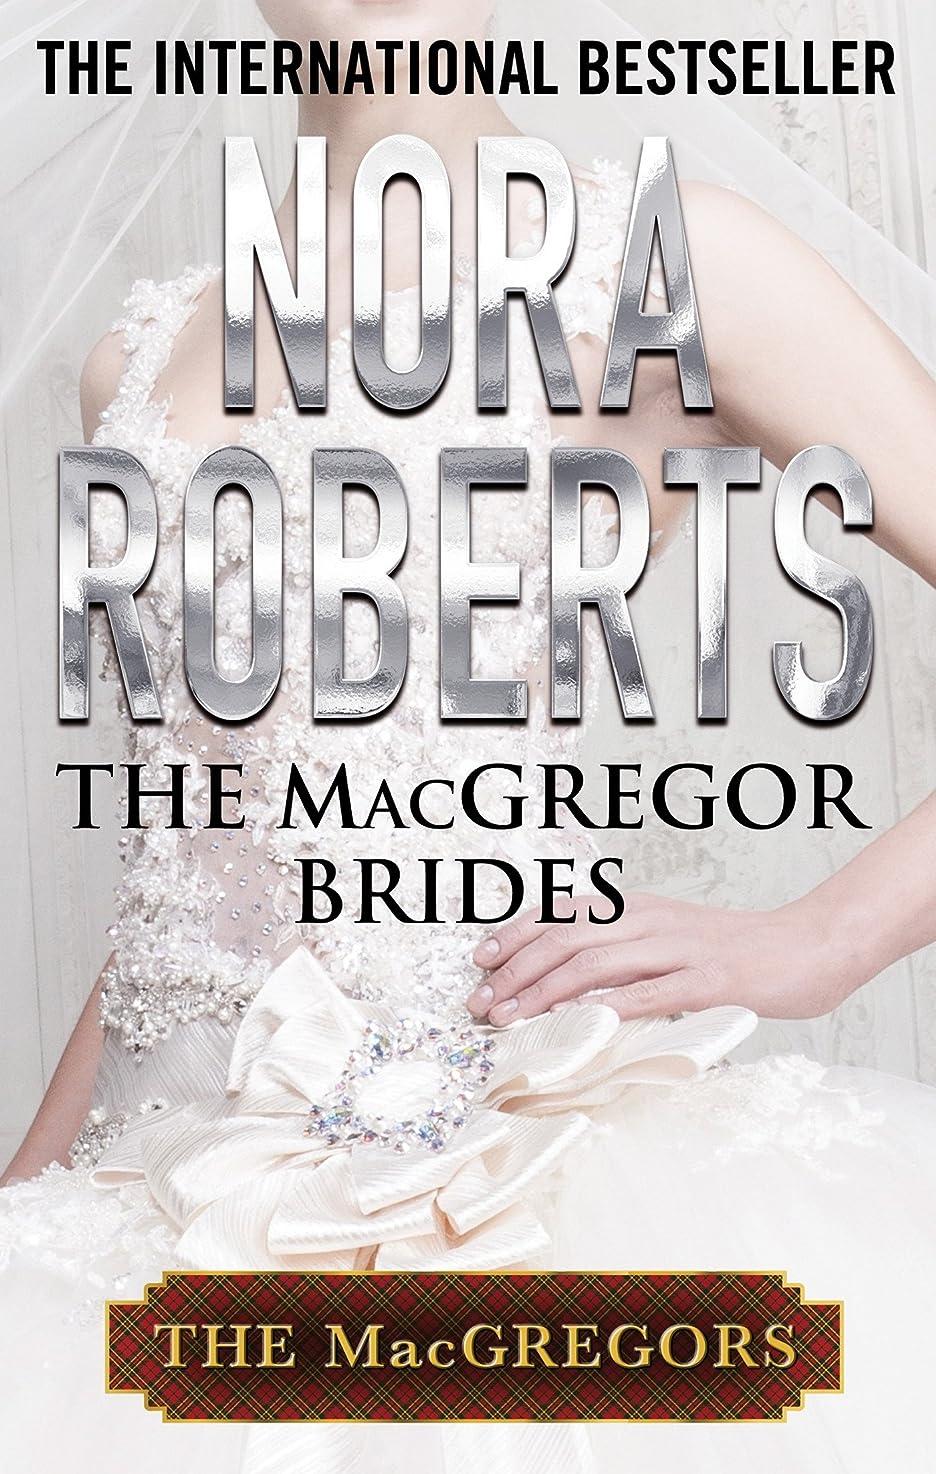 ボルト神秘的なゼリーThe MacGregor Brides (MacGregor's Book 6) (English Edition)